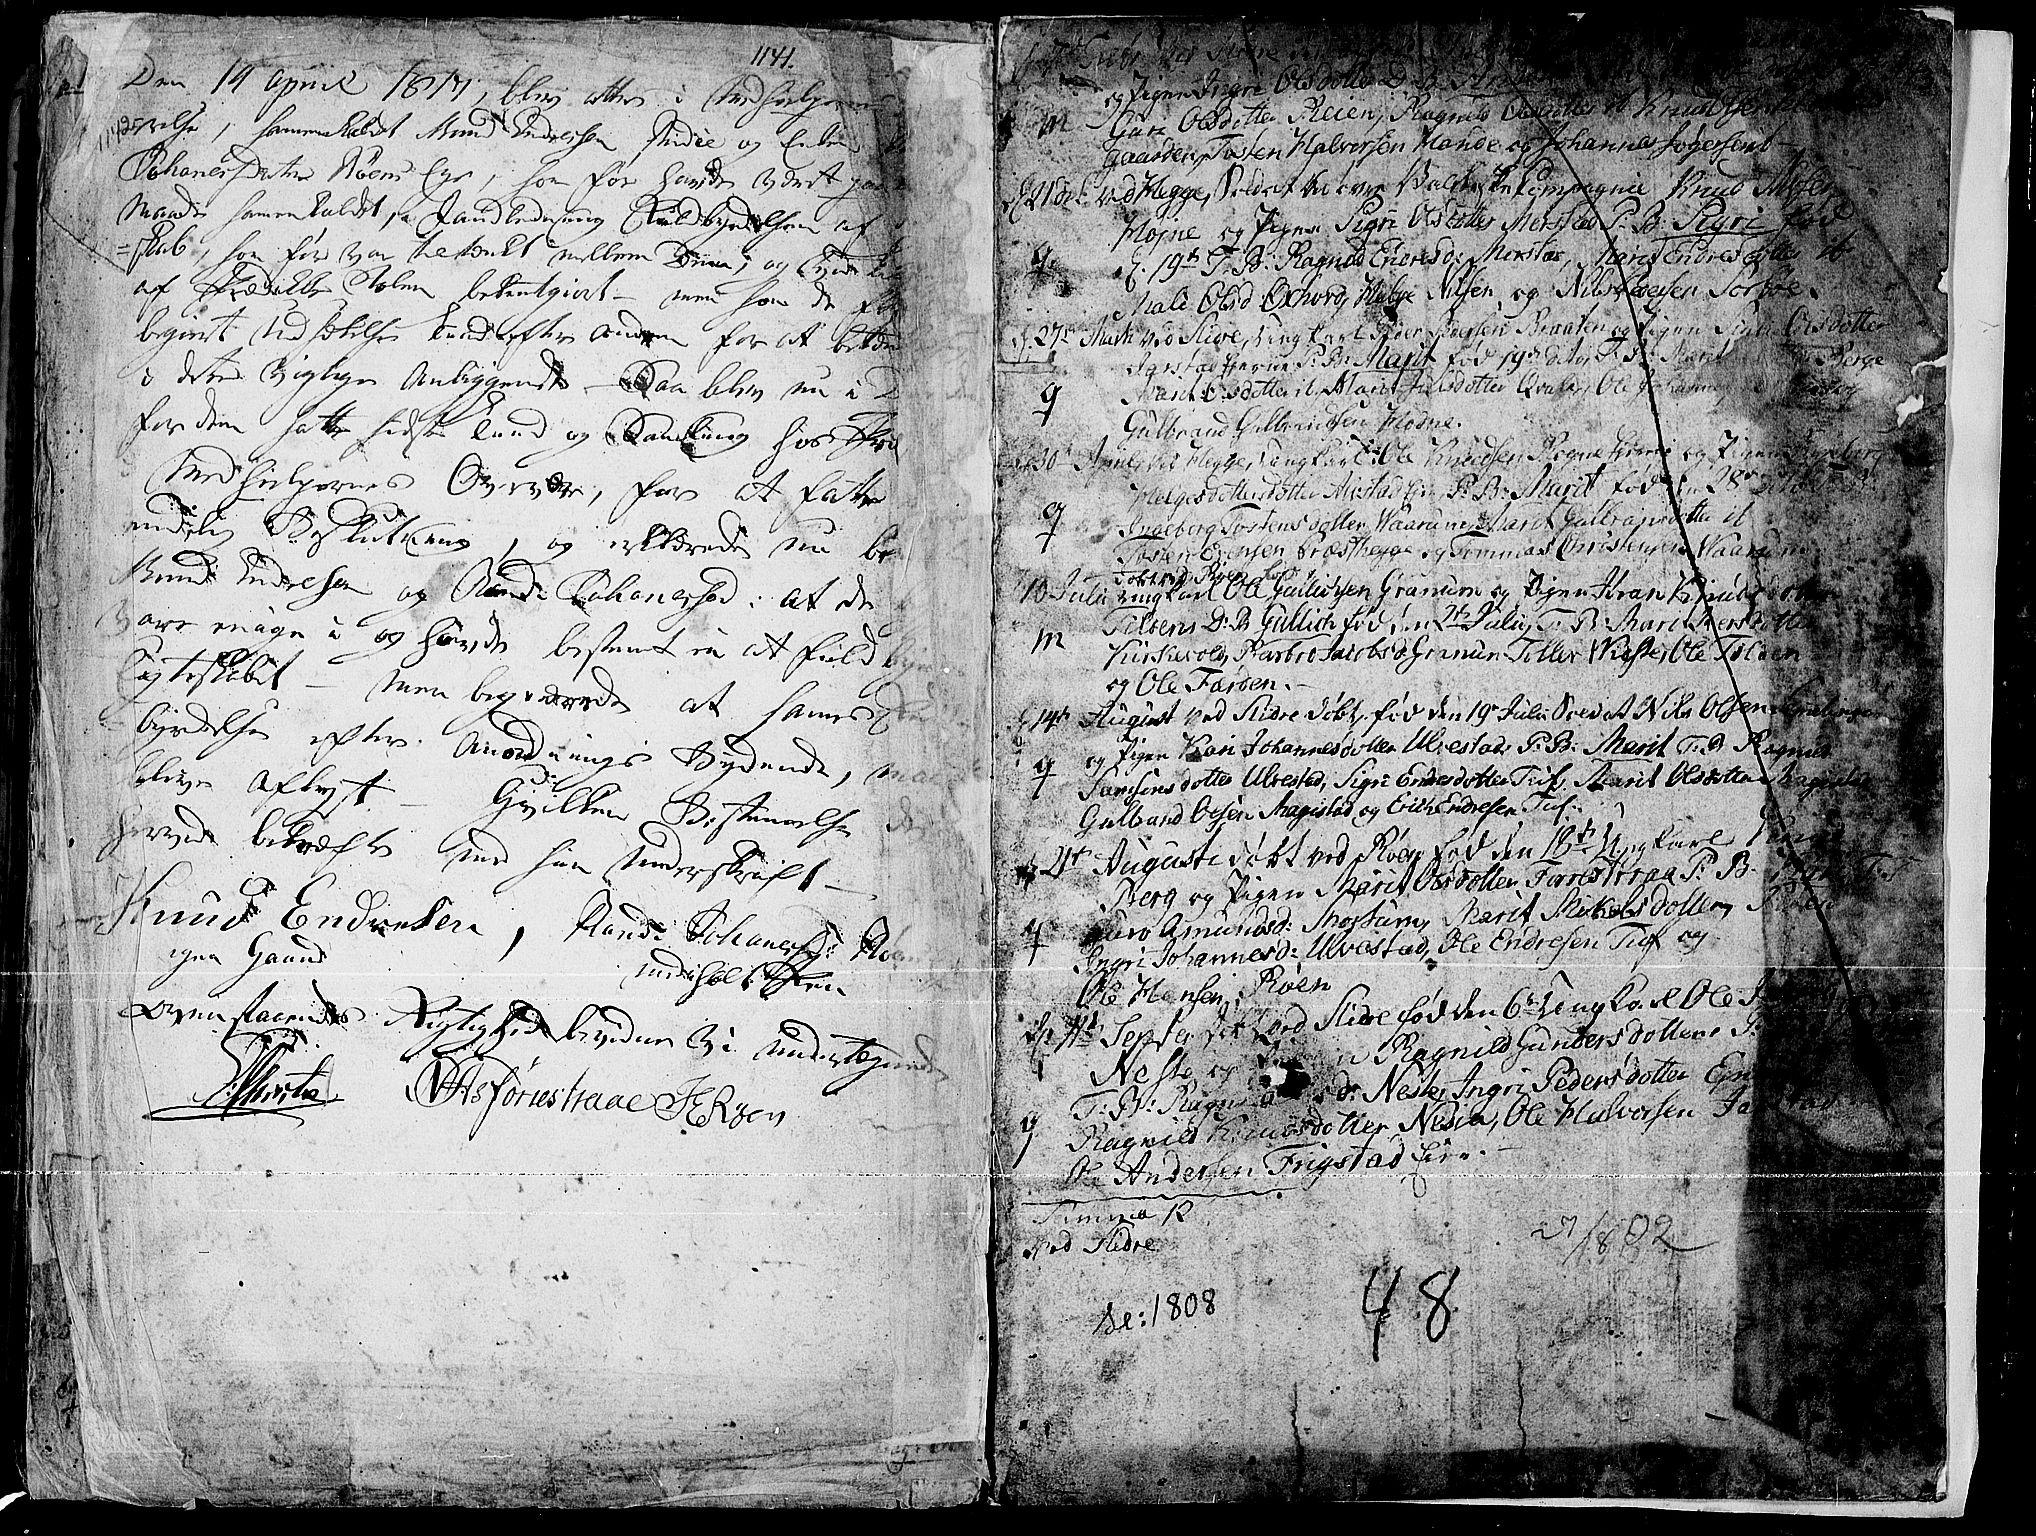 SAH, Slidre prestekontor, Ministerialbok nr. 1, 1724-1814, s. 1142-1143